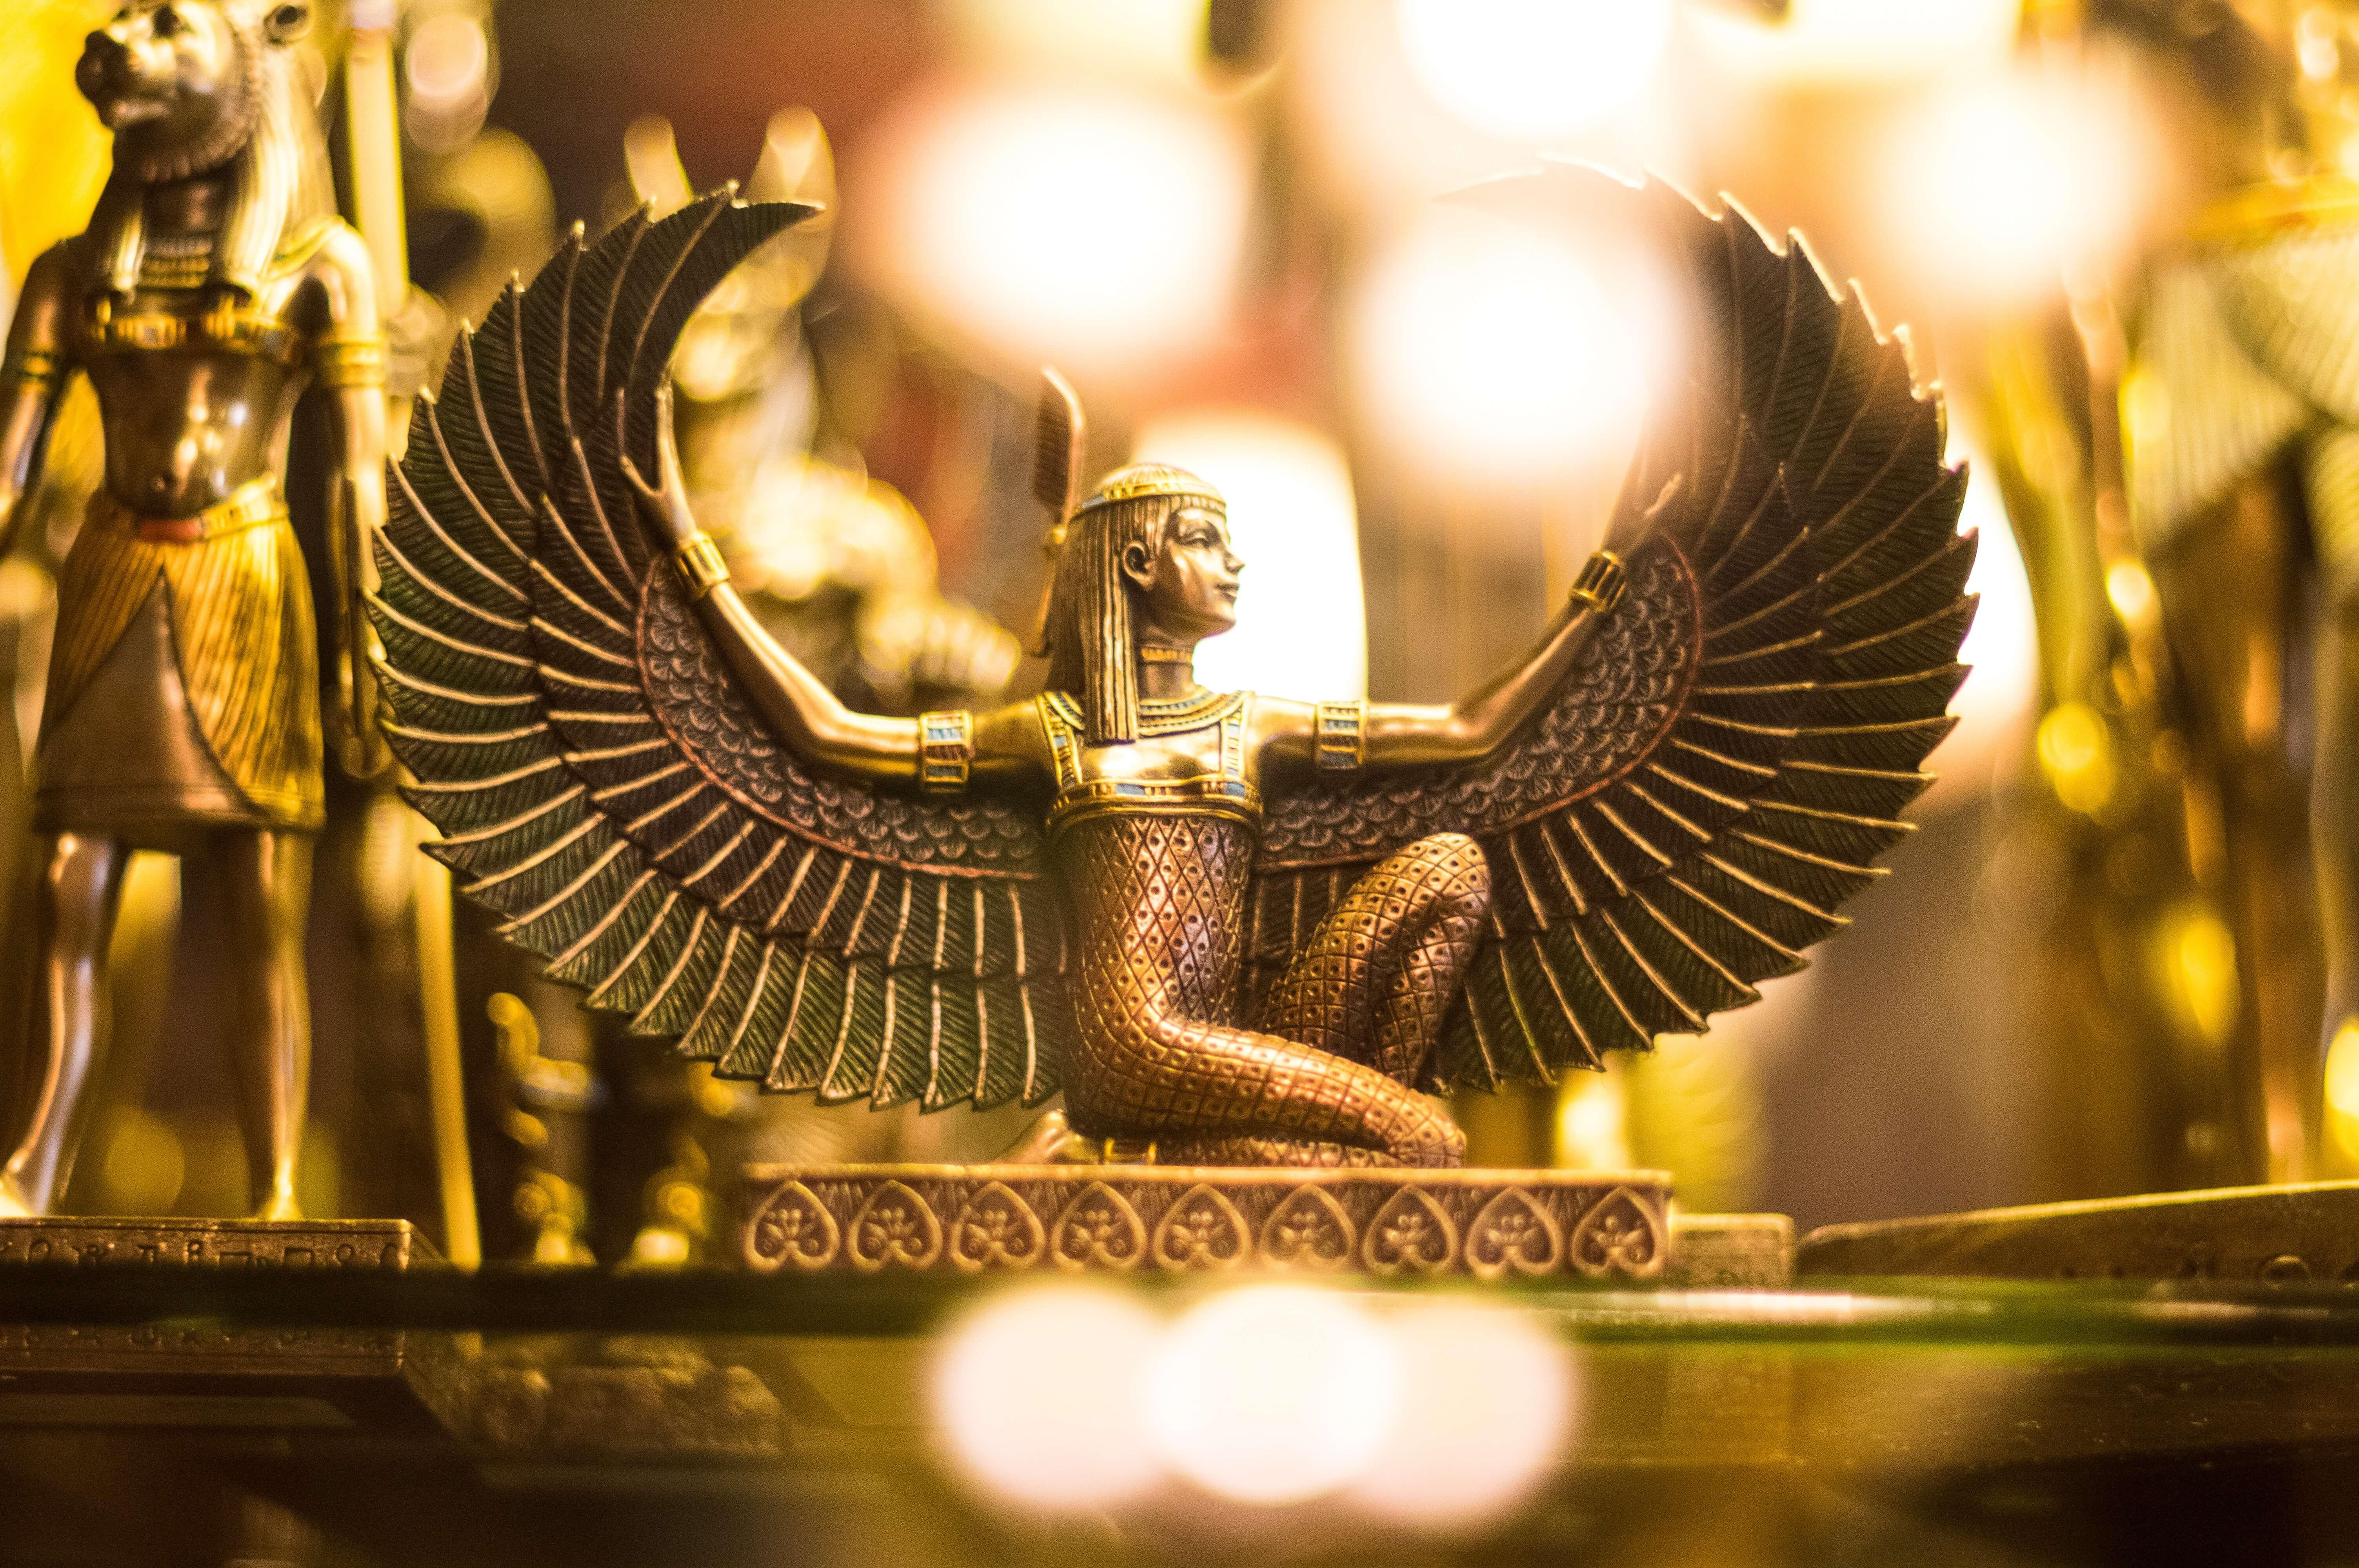 altägyptische kleidung